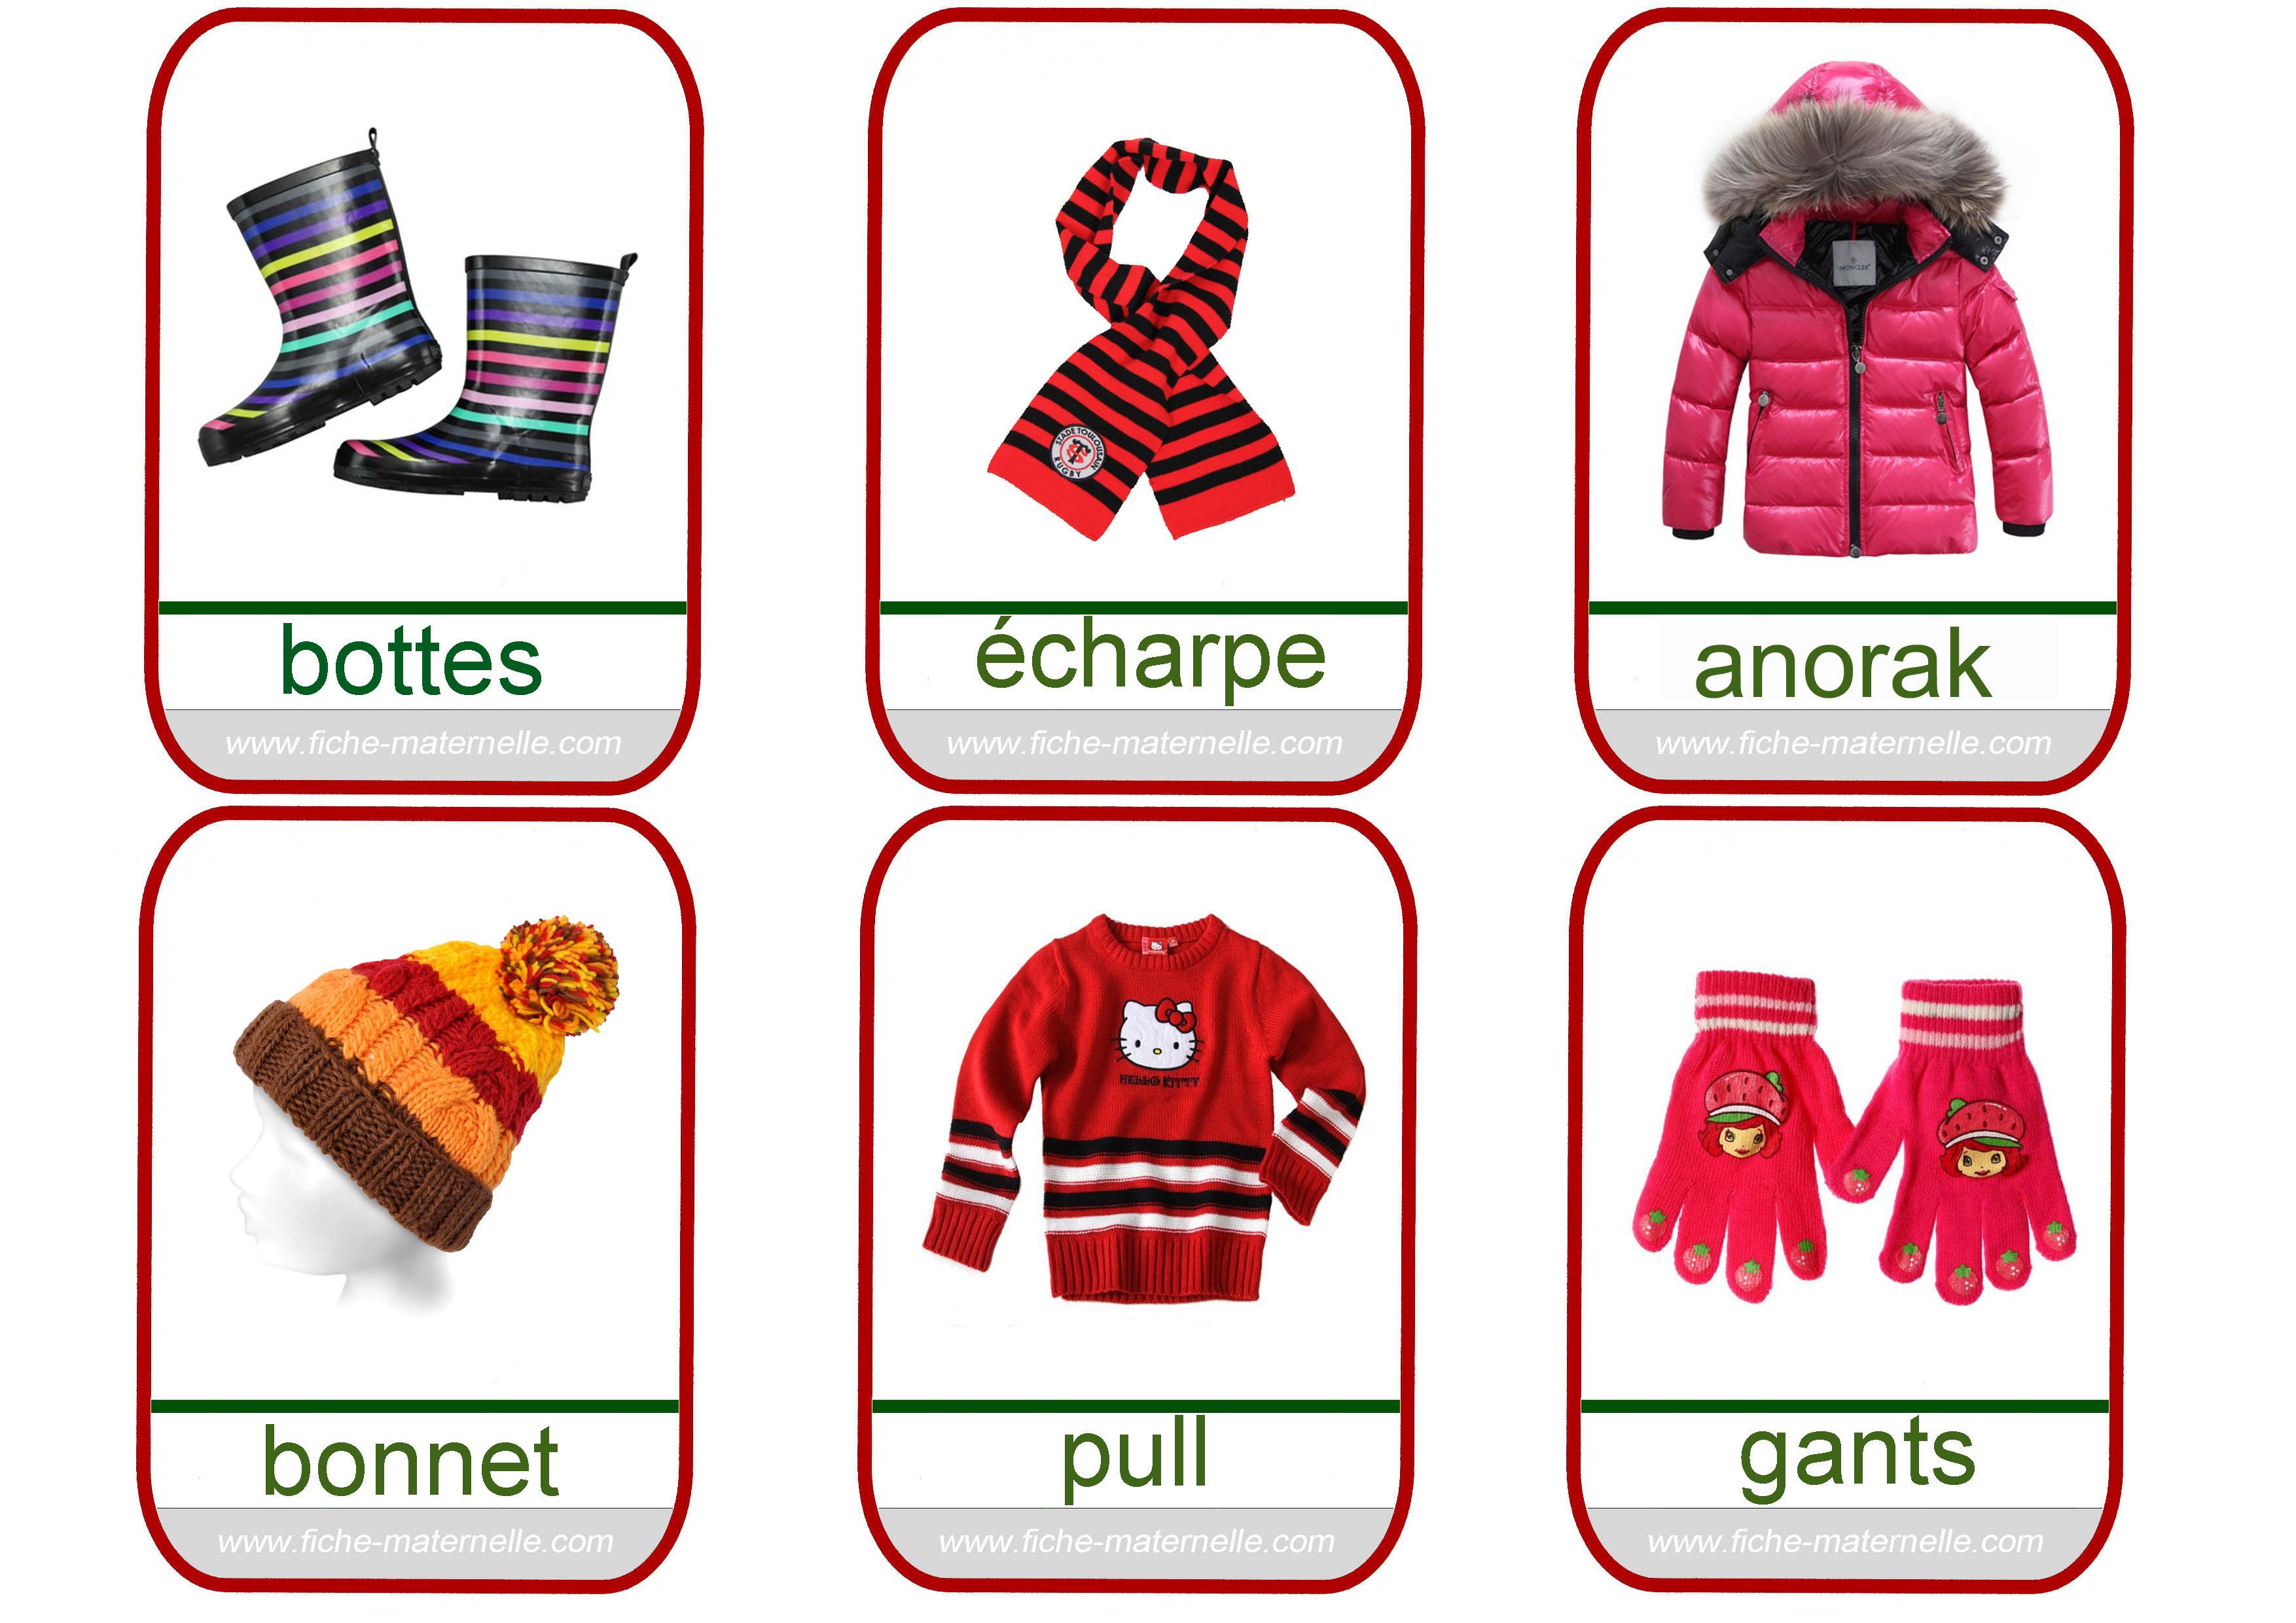 Imagier des vêtements ace639b0f542